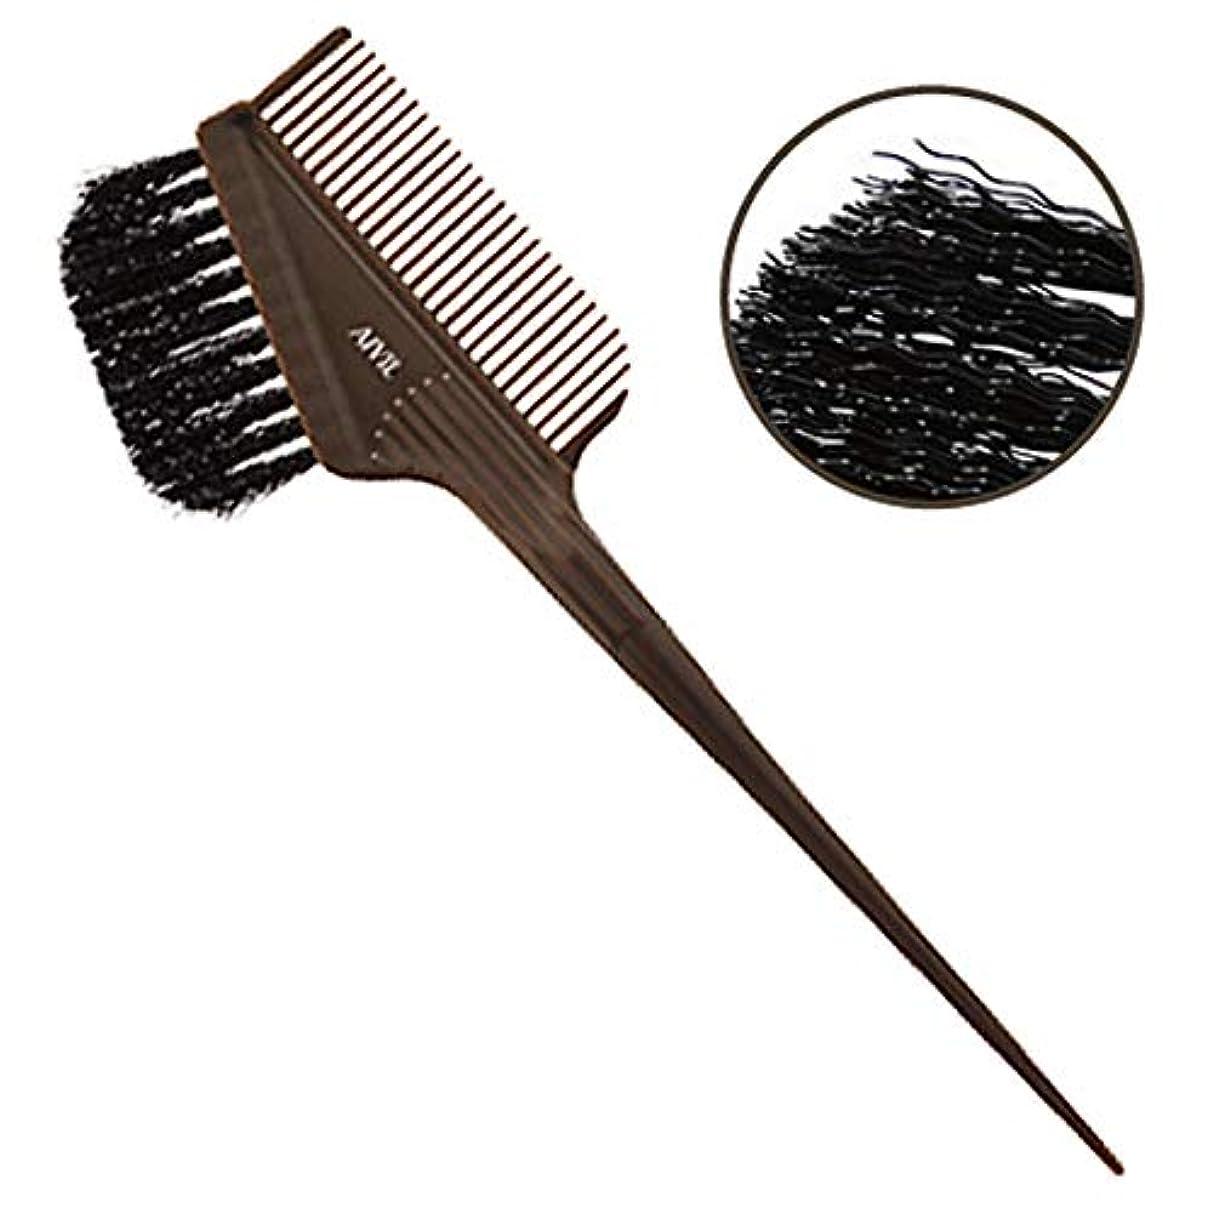 アラブ実現可能タップアイビル ヘアダイブラシ バトン ブラウン ウェーブ毛 刷毛/カラー剤/毛染めブラシ AIVIL